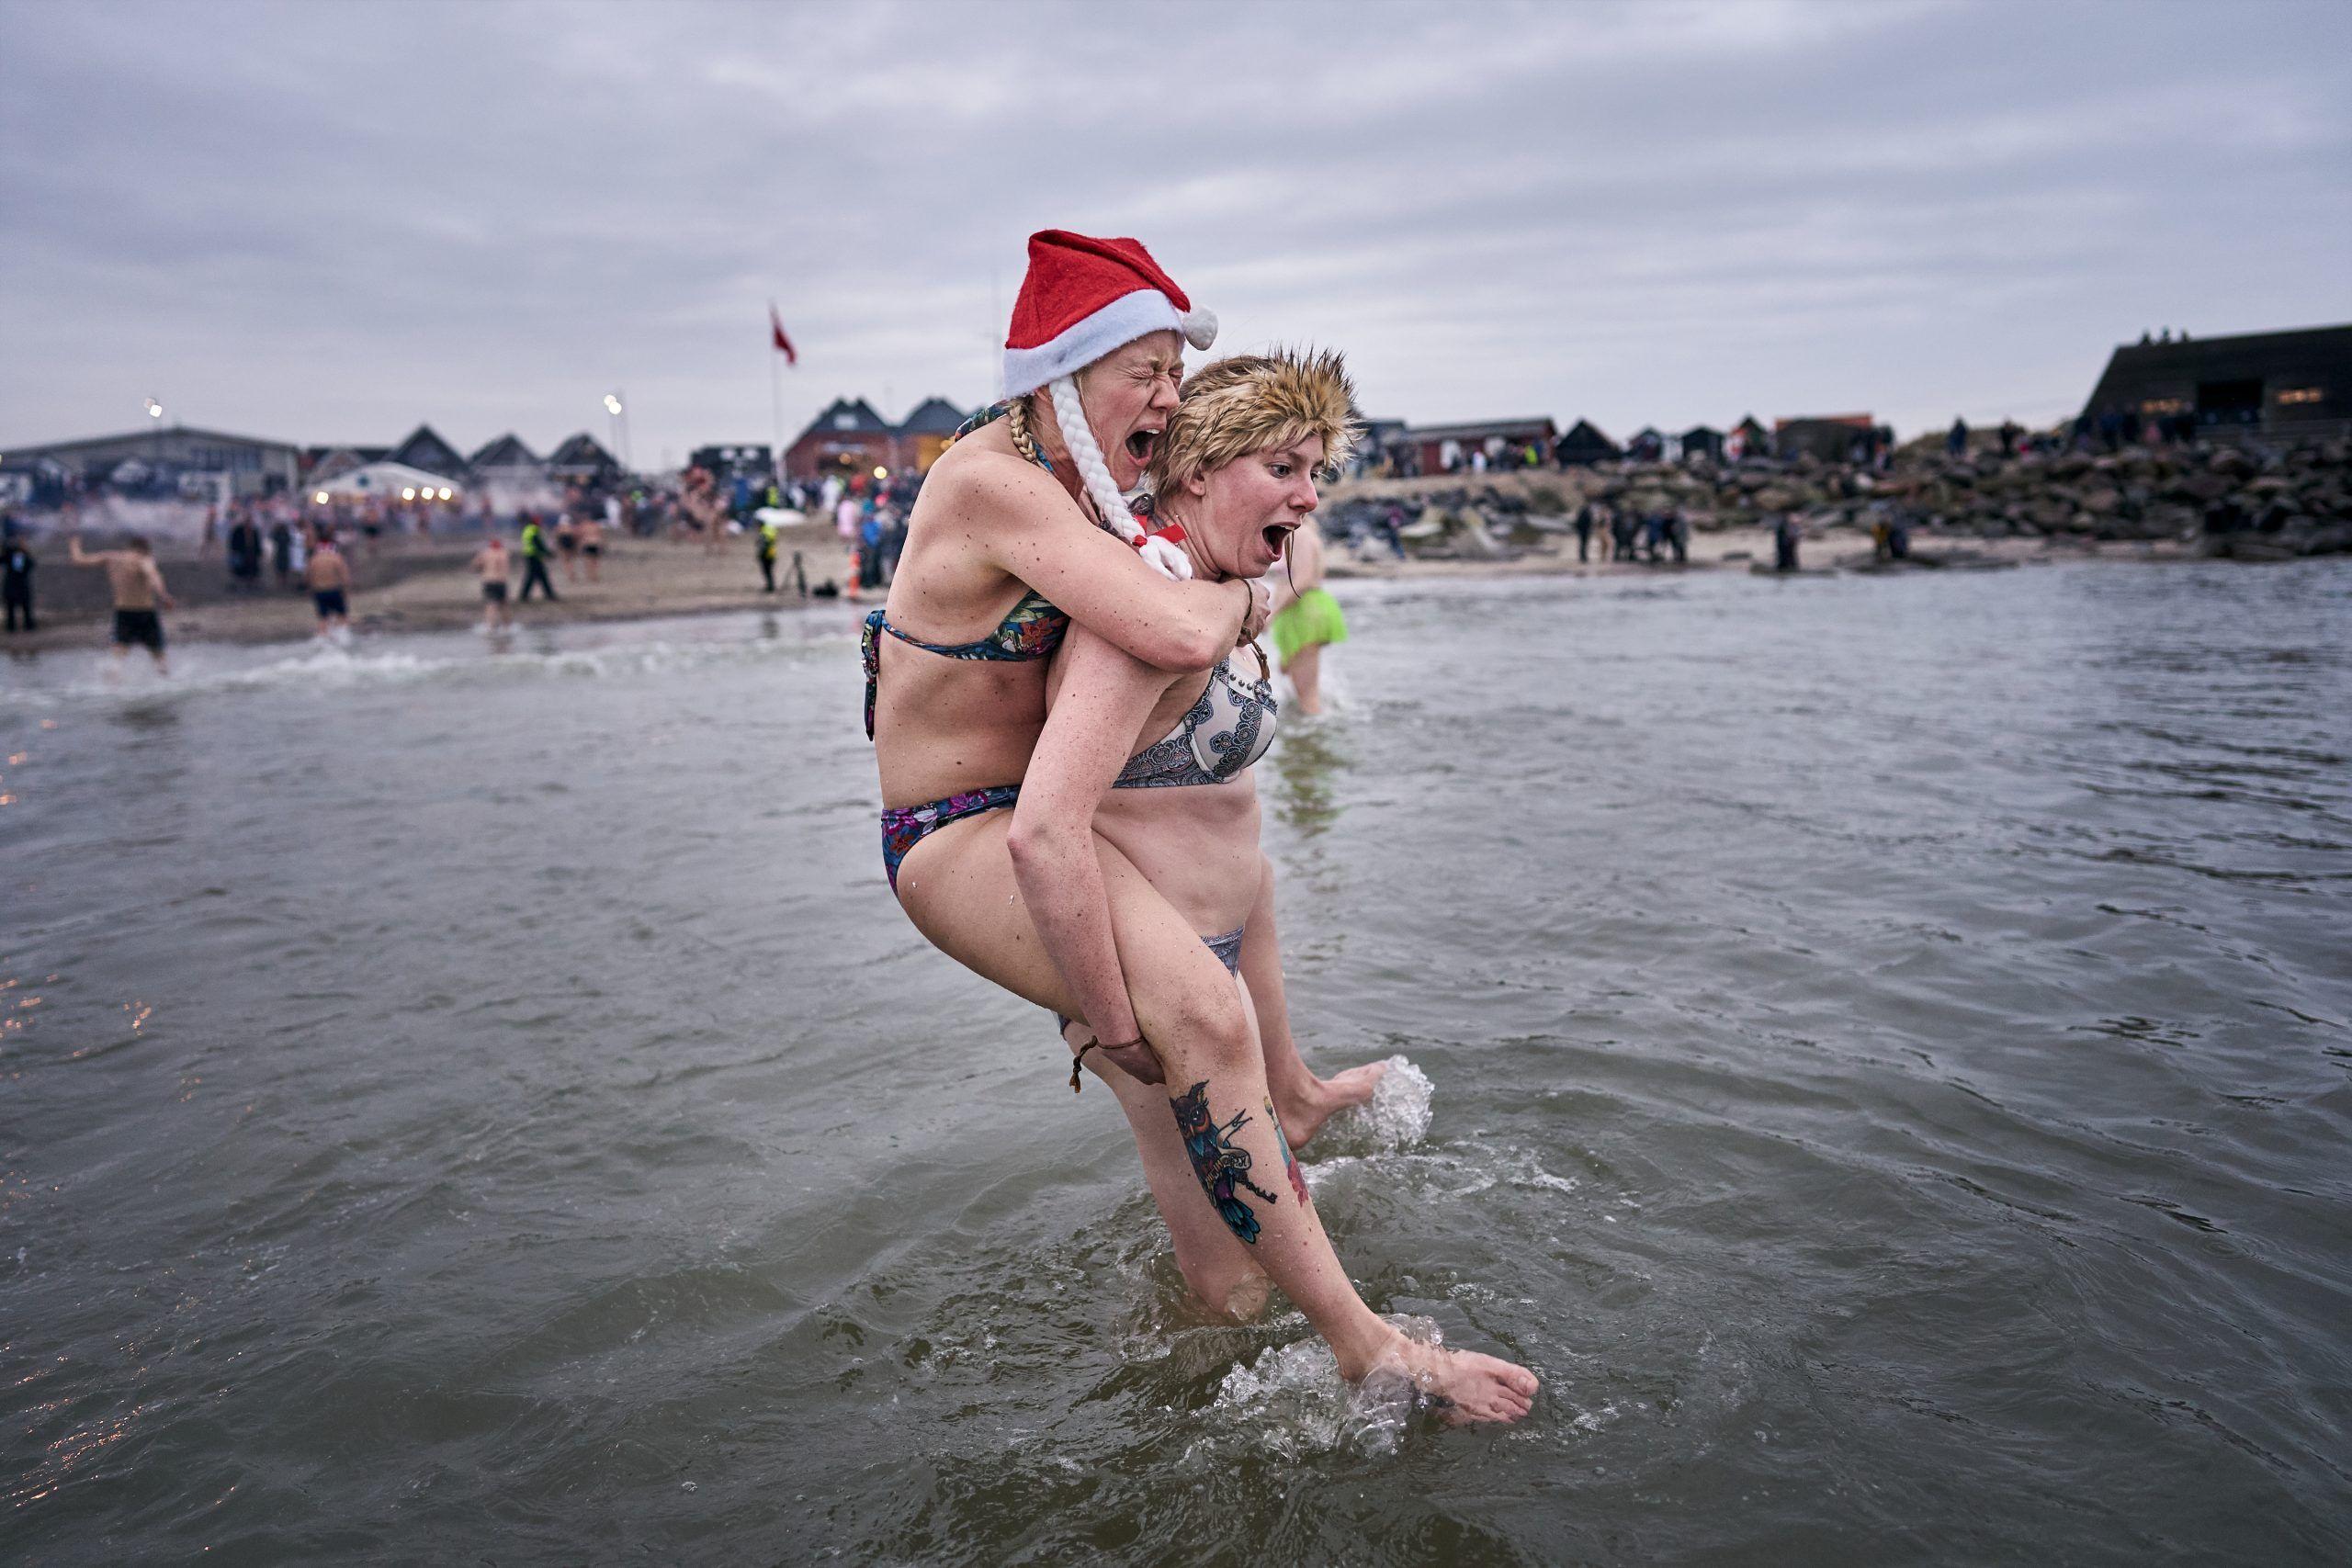 Vinterbadefest 4. juledag i Nr. Vorupør. '4. juledag danner Nr. Vorupør endnu en gang rammen om julens store badeoplevelse i Thy med en kold dukkert i Vesterhavet